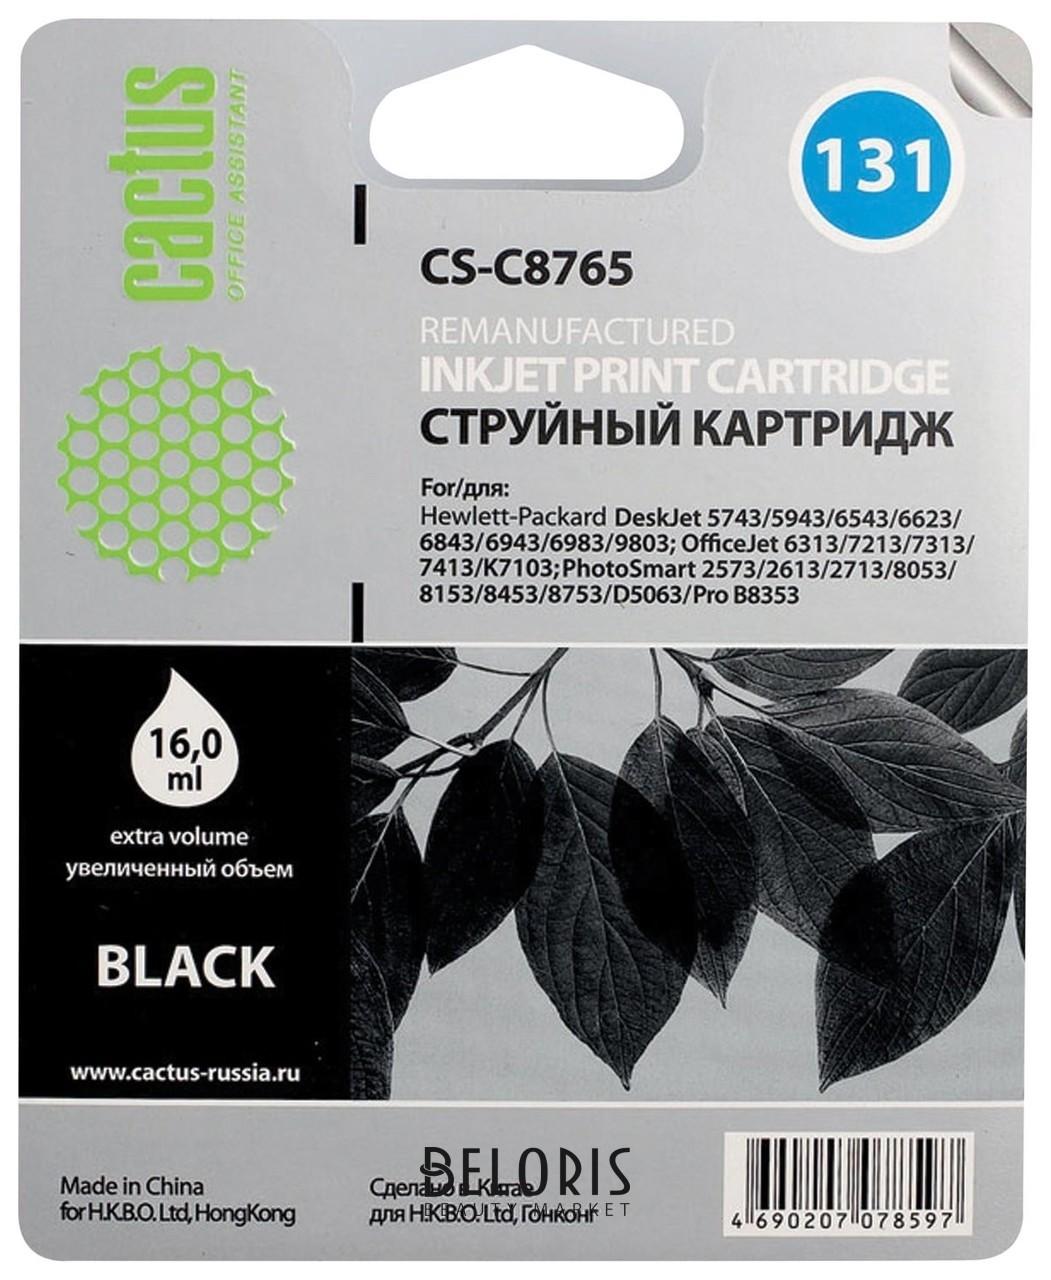 Картридж струйный Cactus (Cs-c8765) для Hp Deskjet 460/5743/6543/6843, черный Cactus